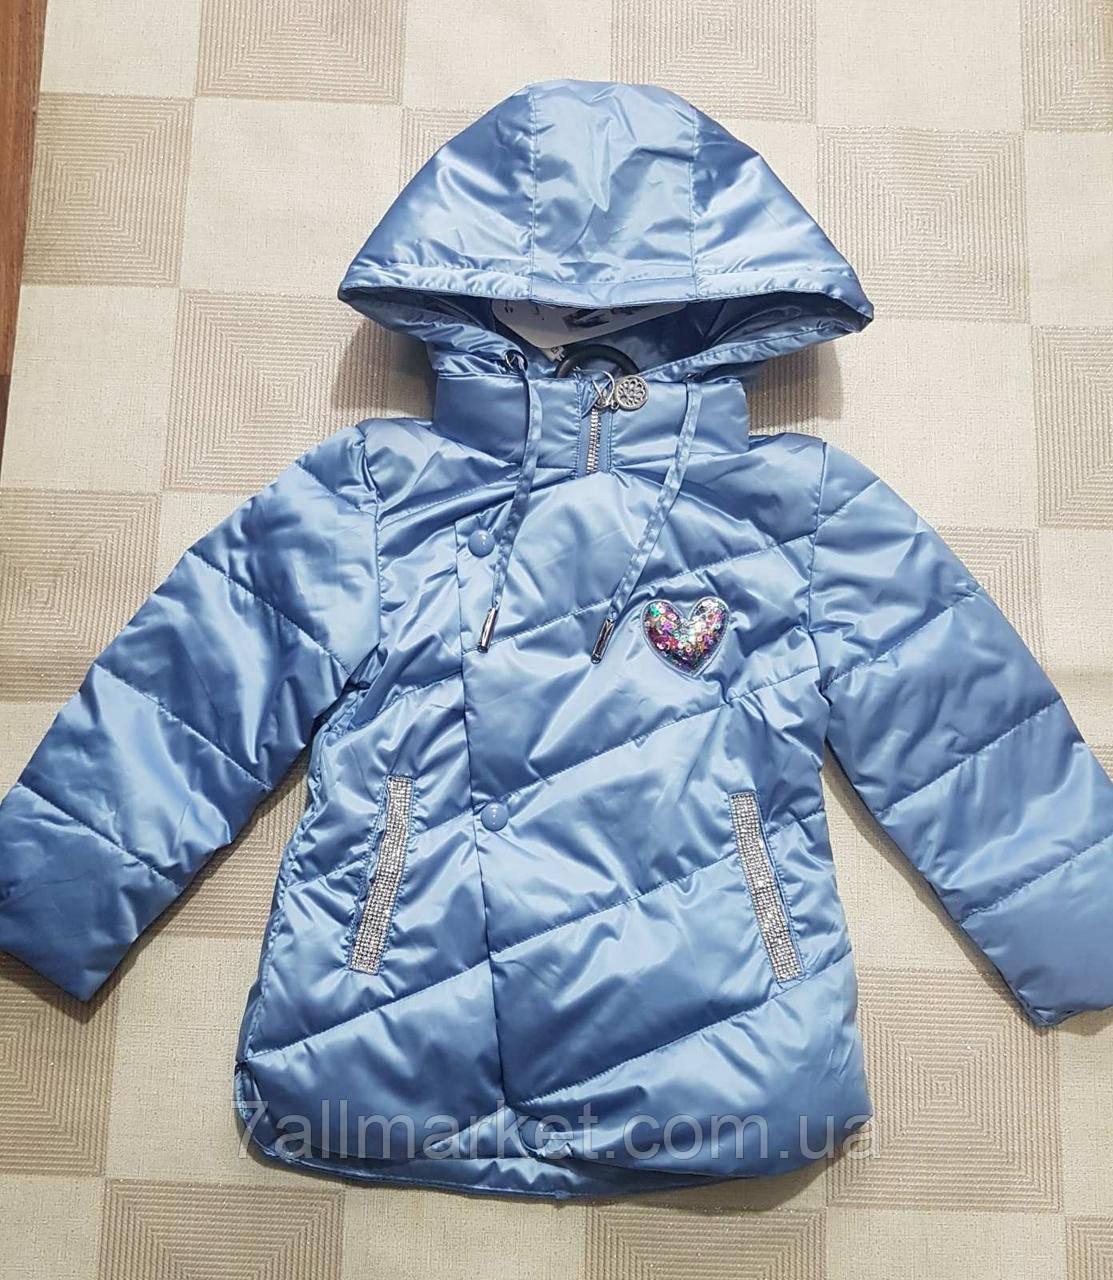 """Демісезонна Куртка дитяча на дівчинку 80-104 см (2цв) """"Star Kids"""" купити недорого від прямого постачальника"""